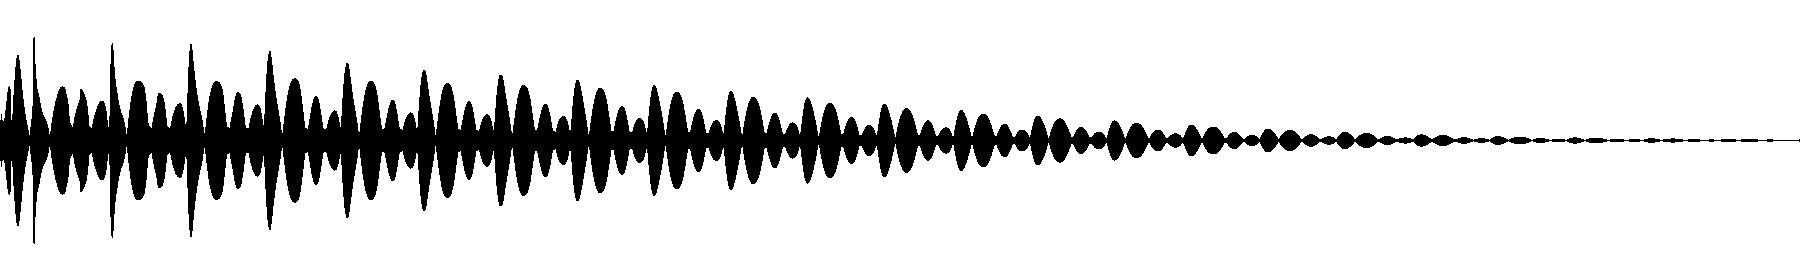 bass house pluck 040 e1